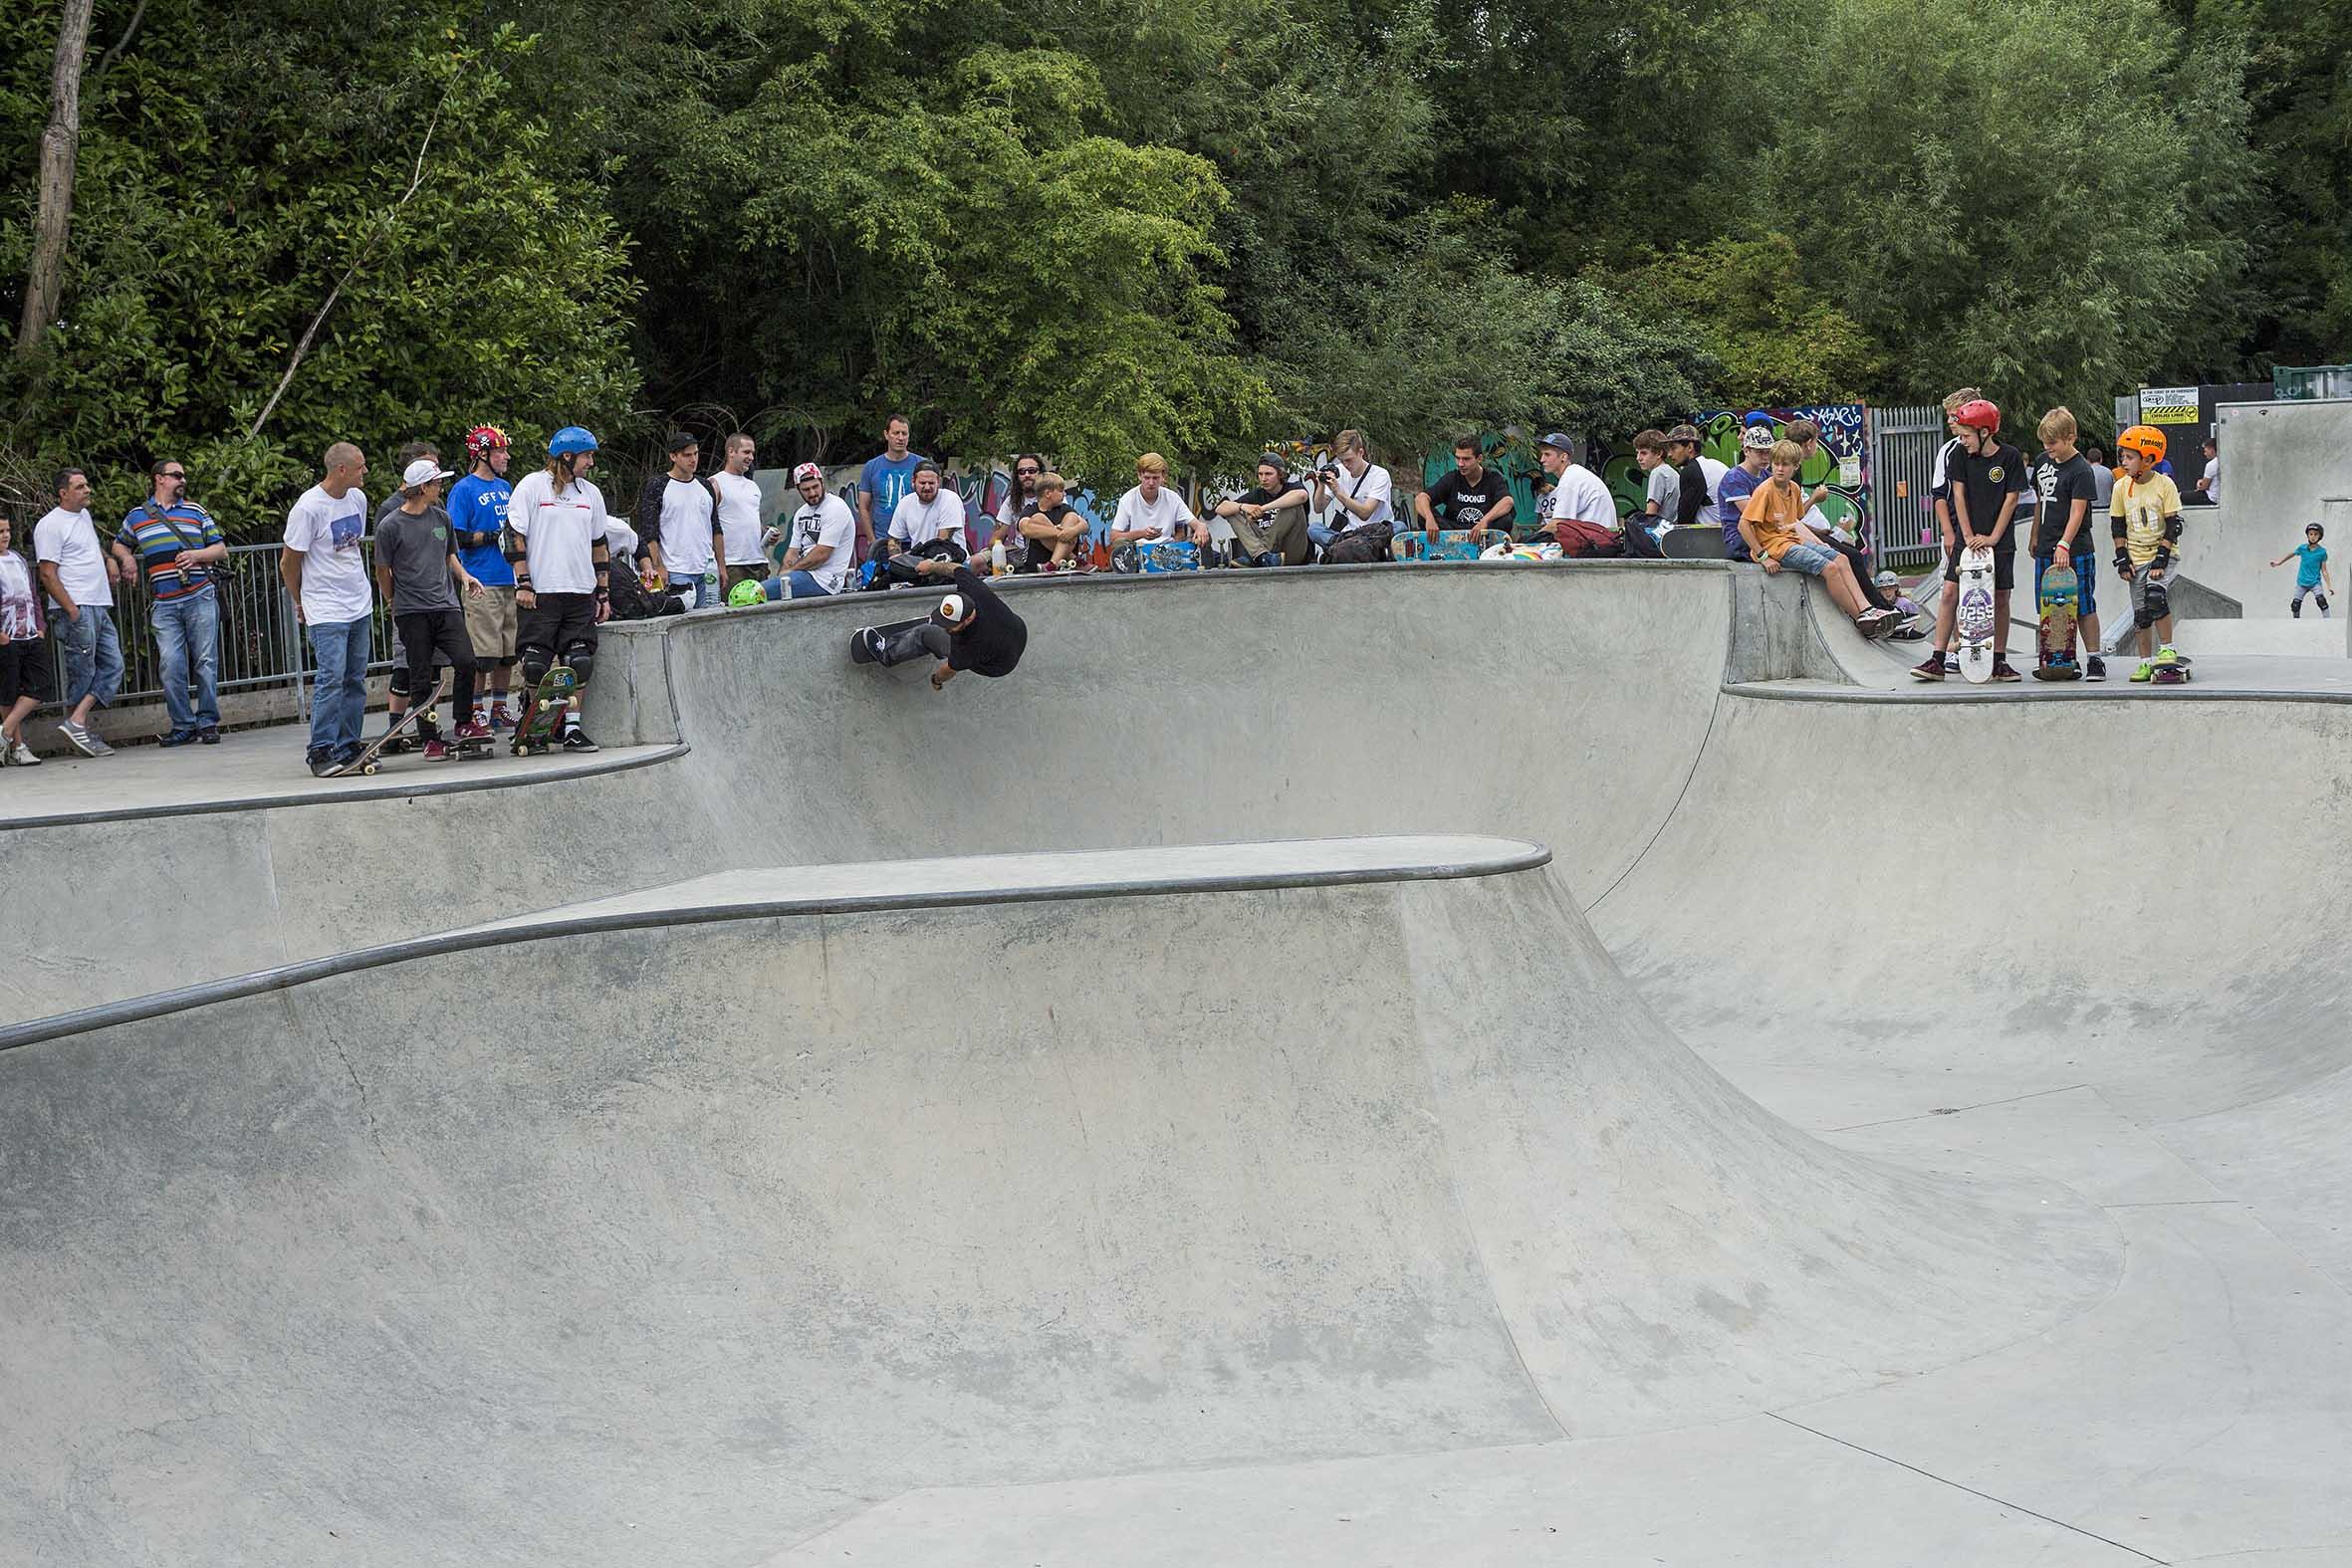 Oxford Skatepark jam